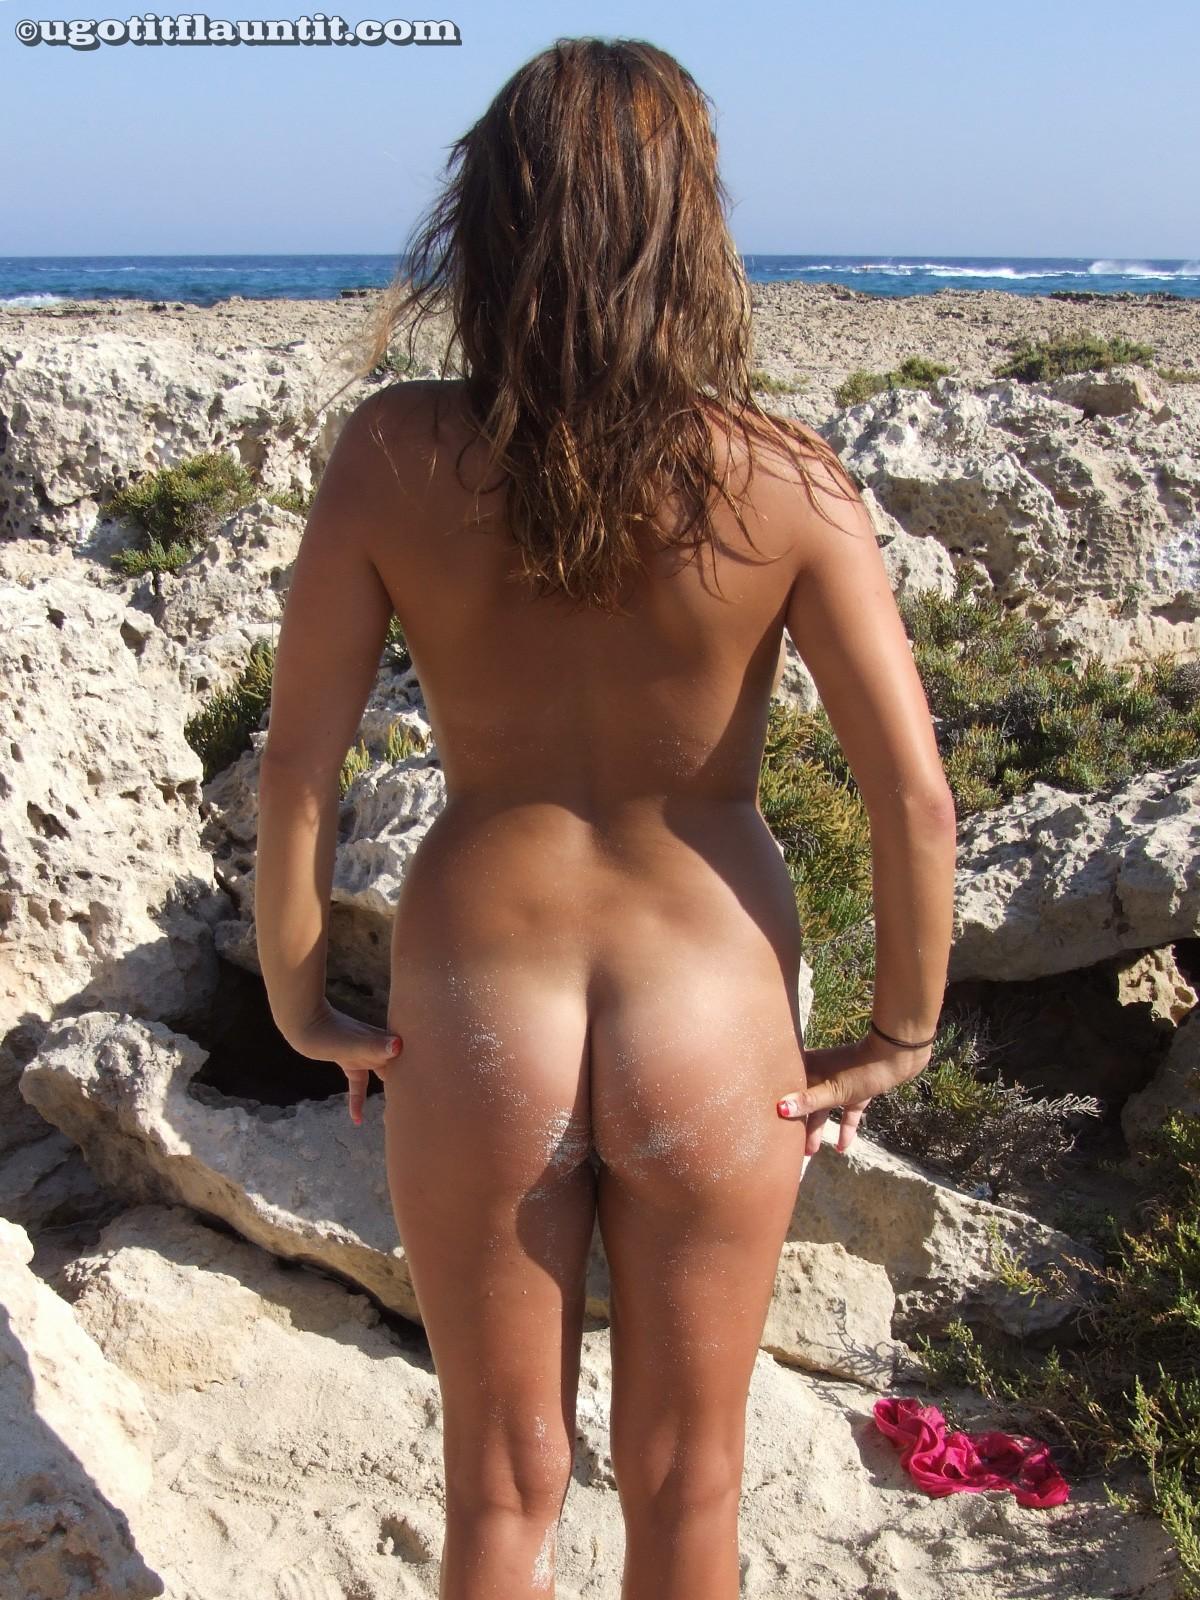 Женщина для секса анапа найти, порноактриса похожая на сальма хайек